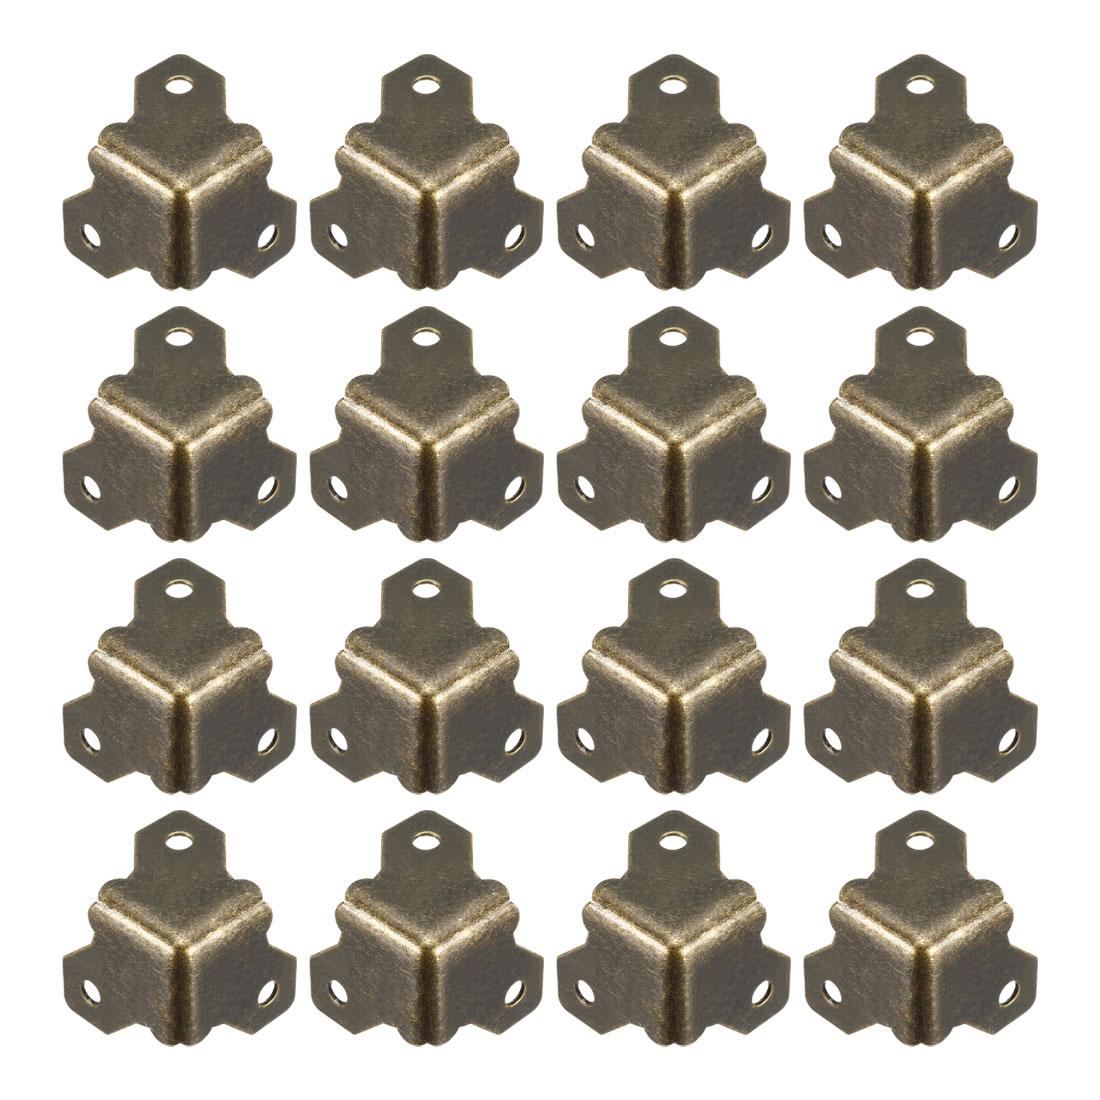 Metal Box Corner Protectors Edge Guard Protector 21x21x21mm Bronze Tone 16pcs